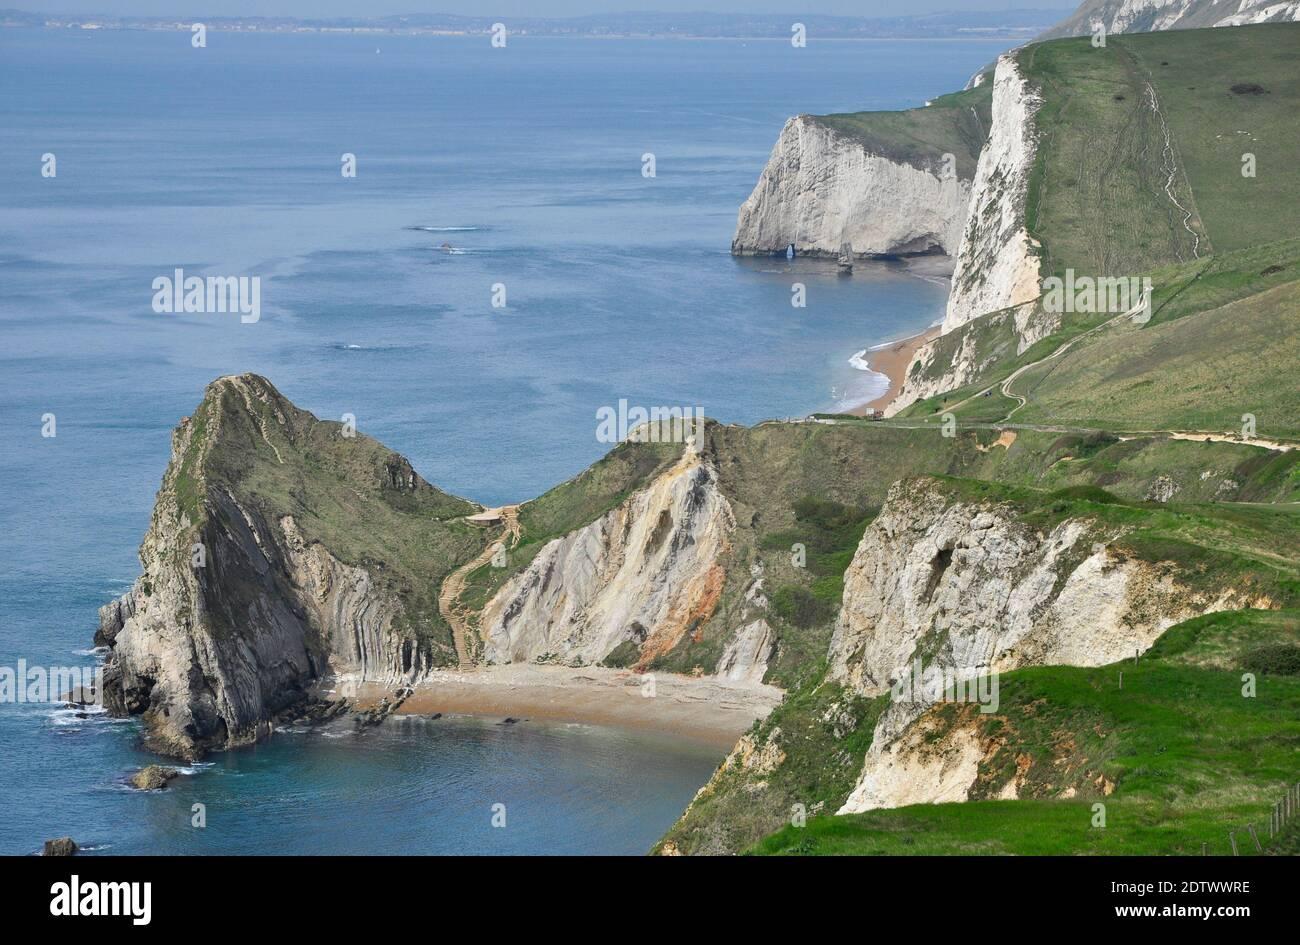 Mirando hacia el oeste con la puerta de Durdle y los acantilados de tiza de Swyre Head y Bat's Head.parte de la costa de Jurrasic Dorset.Reino Unido Foto de stock